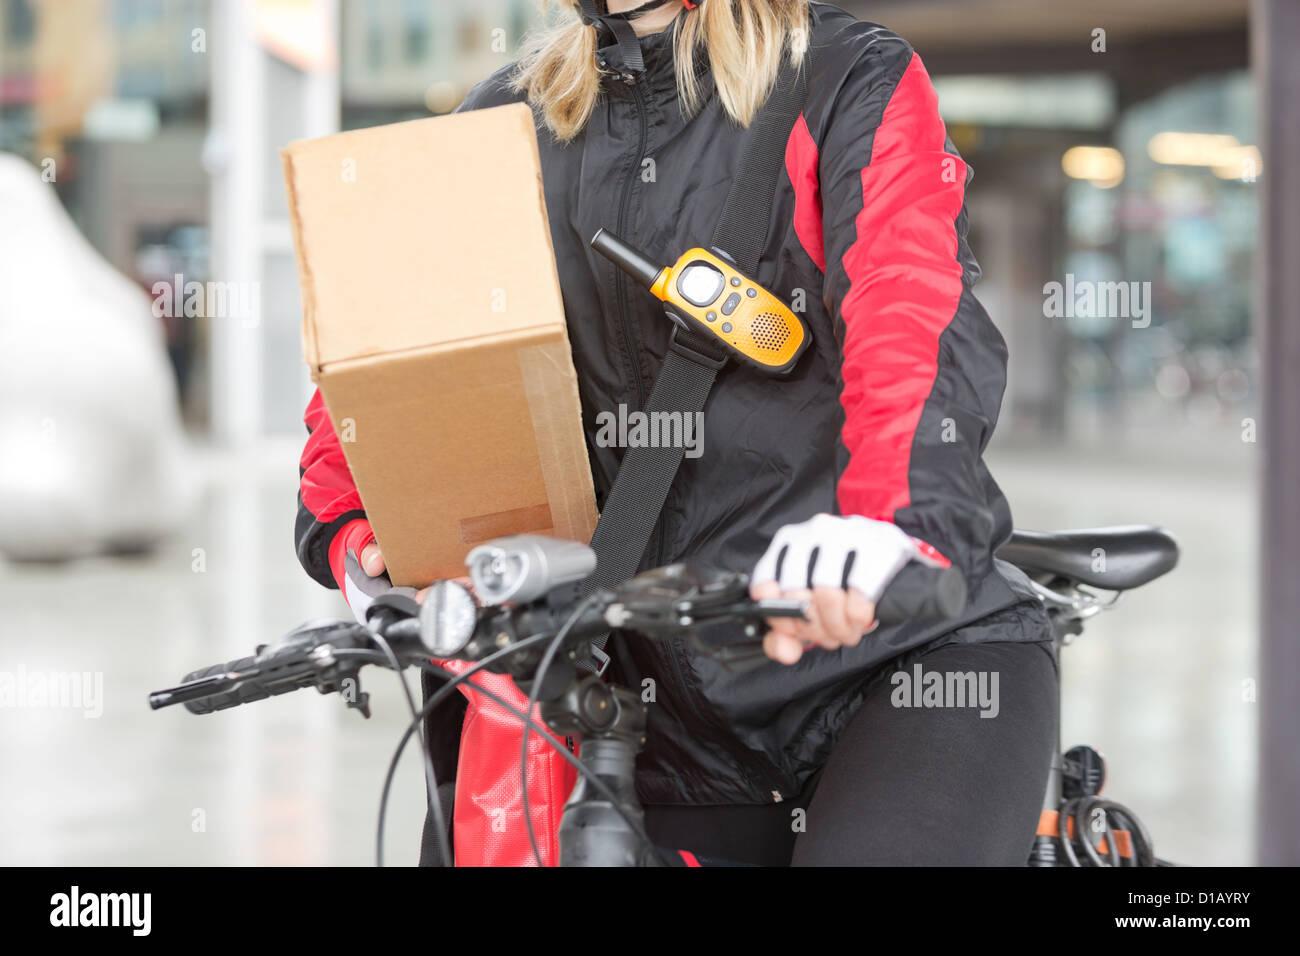 Weibliche Radfahrer mit Karton und Courier Bag auf Straße Stockbild